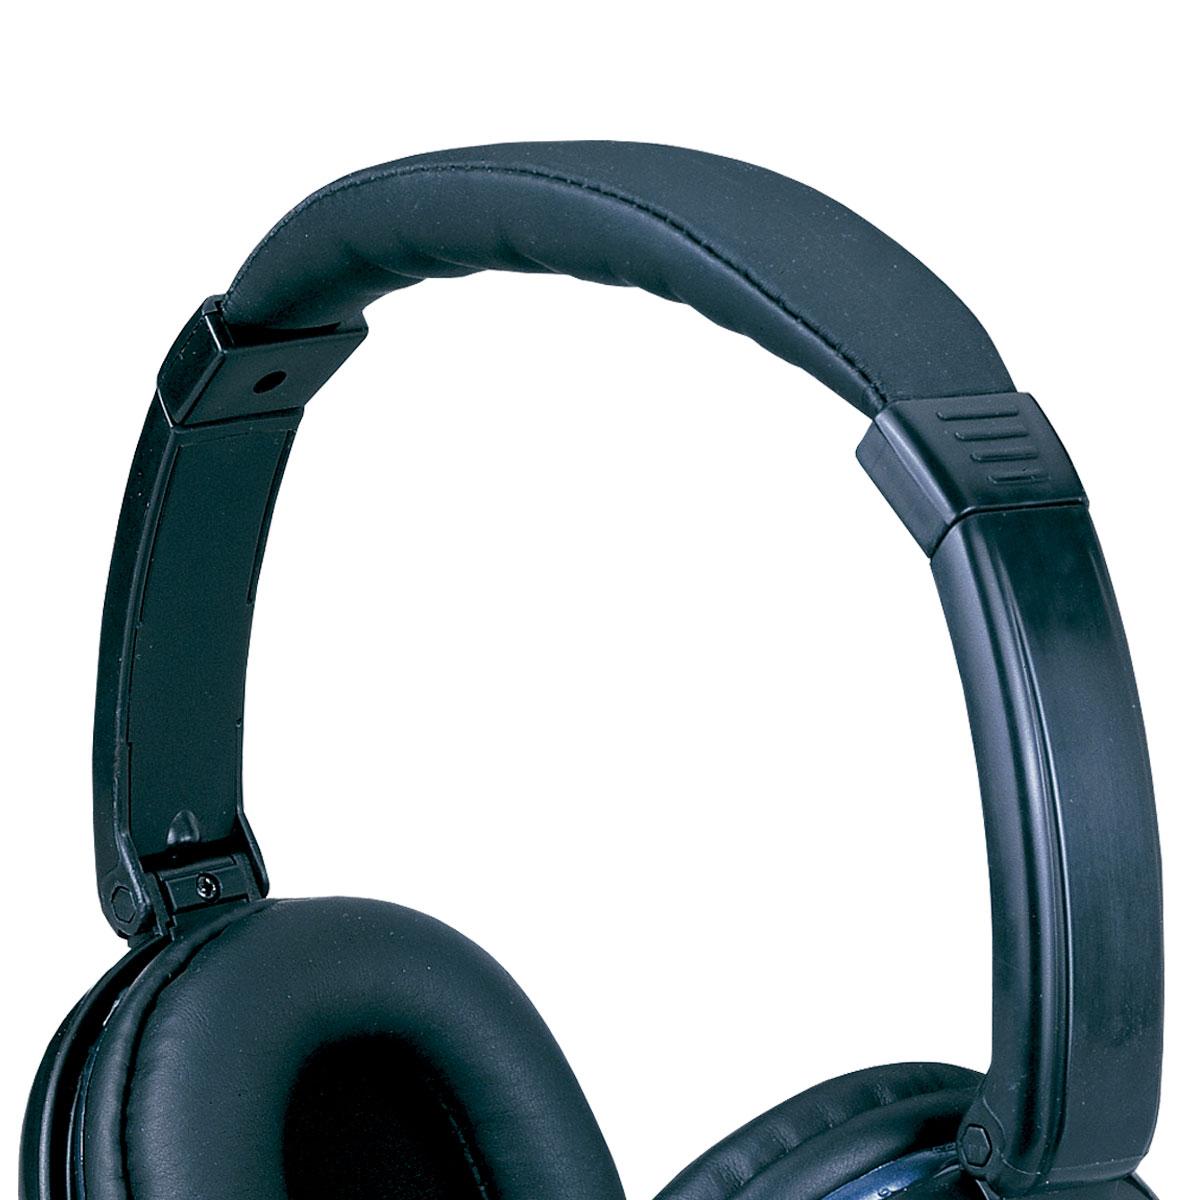 Fone de Ouvido Over-ear p/ DJ 20Hz - 20KHz 32 Ohms - CD 85 Yoga